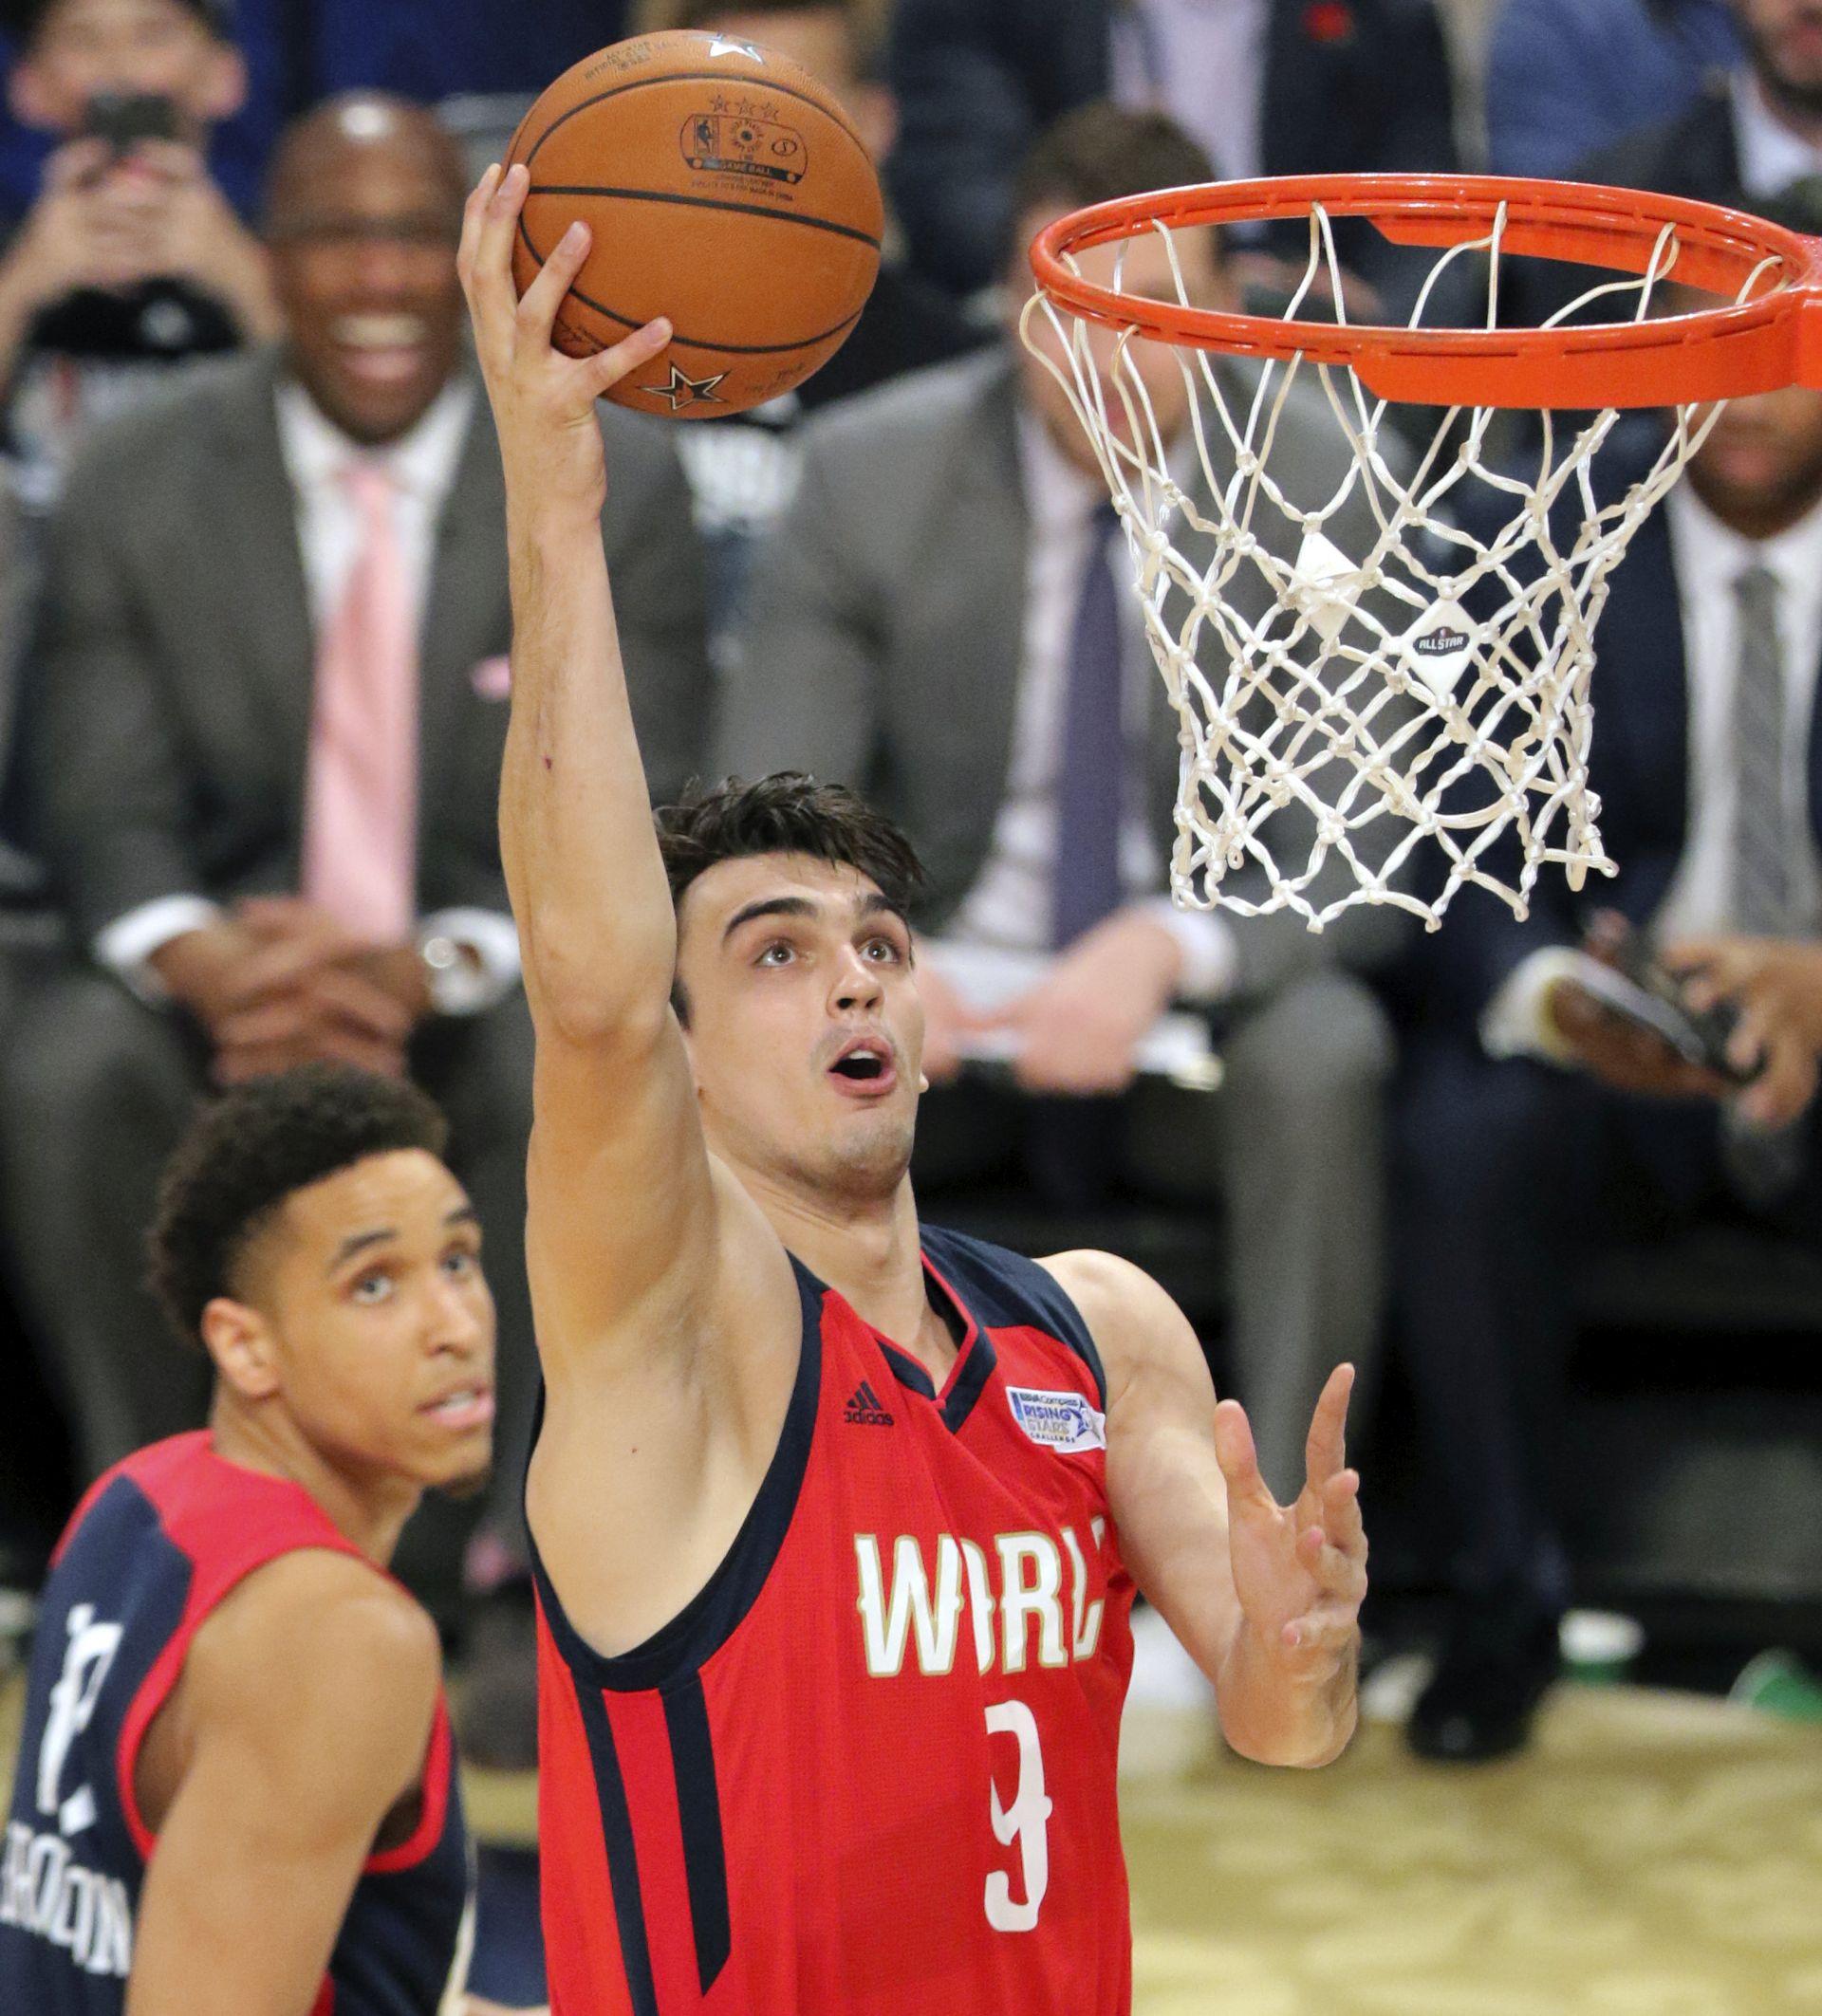 NBA Brogdon rookie godine, Šarić u najboljoj petorci rookieja